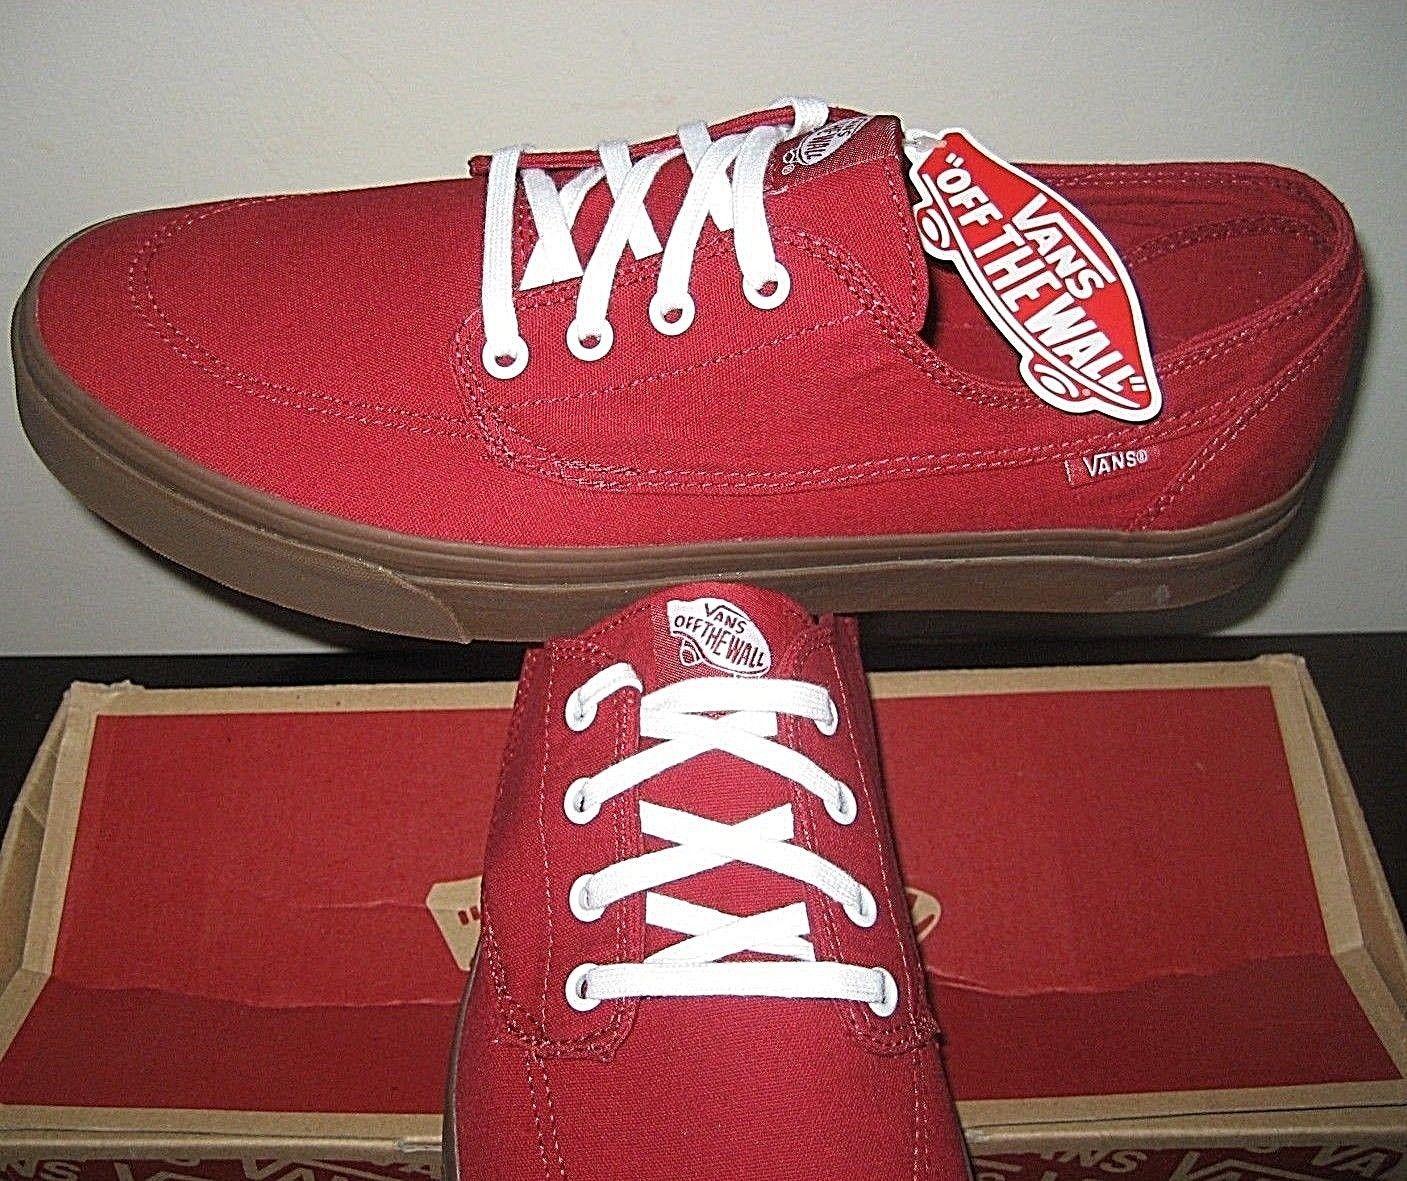 b12d581d8b42ac Vans Mens Brigata Gumsole Chili Pepper Red and 50 similar items